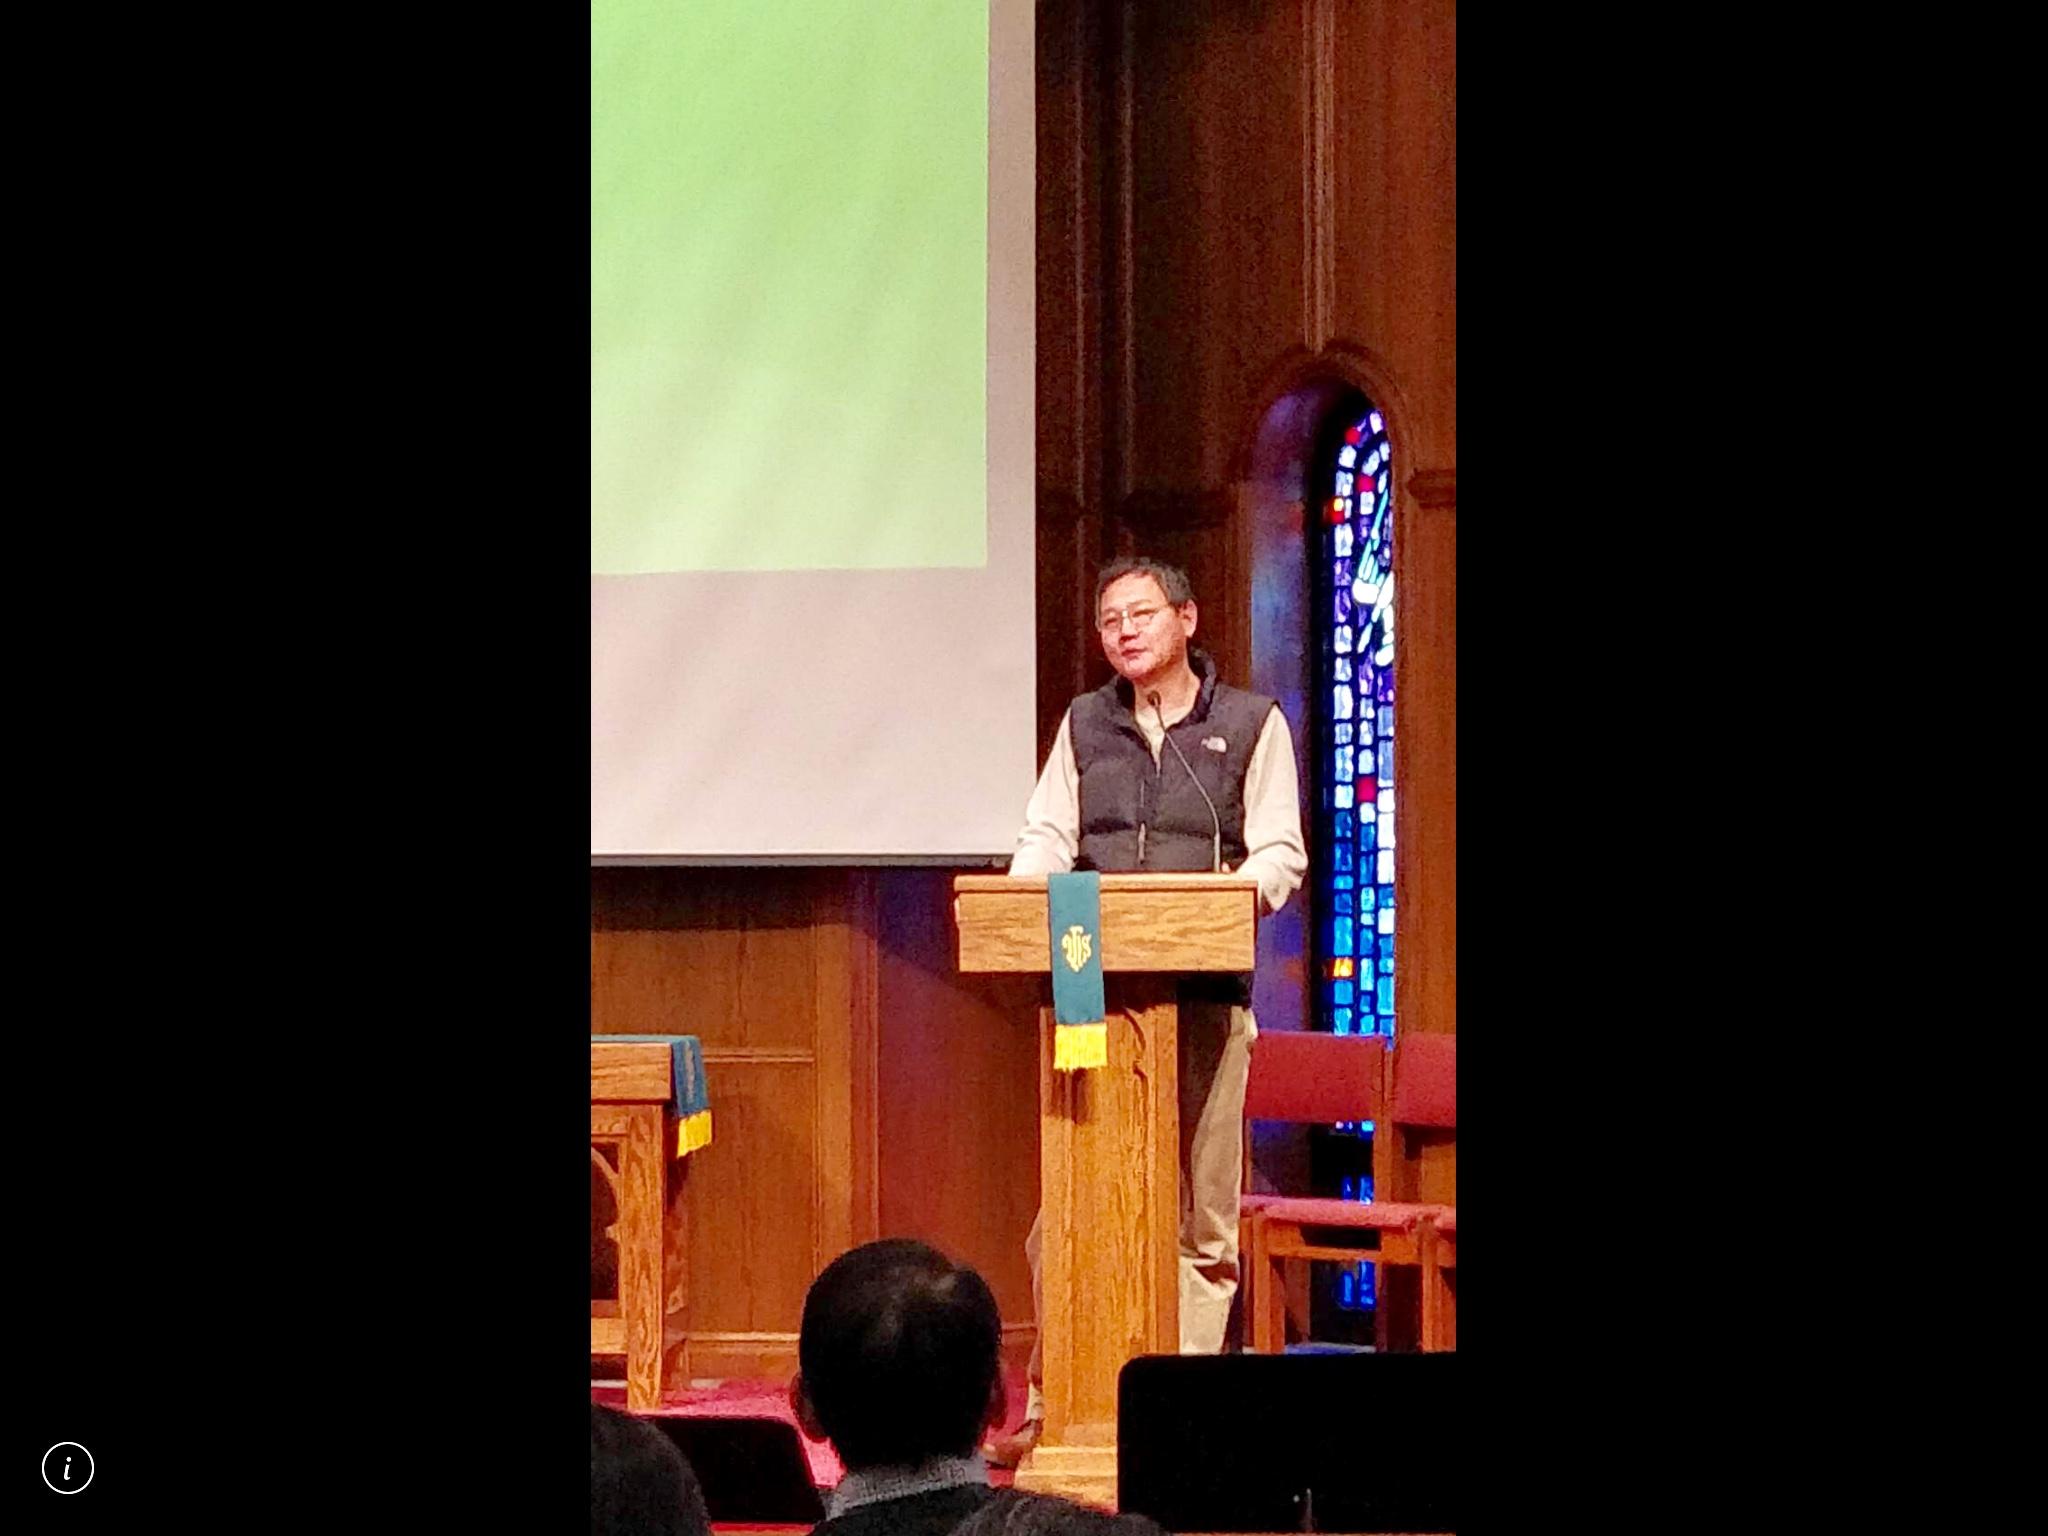 一顆開放慷慨的心   聖路易臺灣基督長老教會